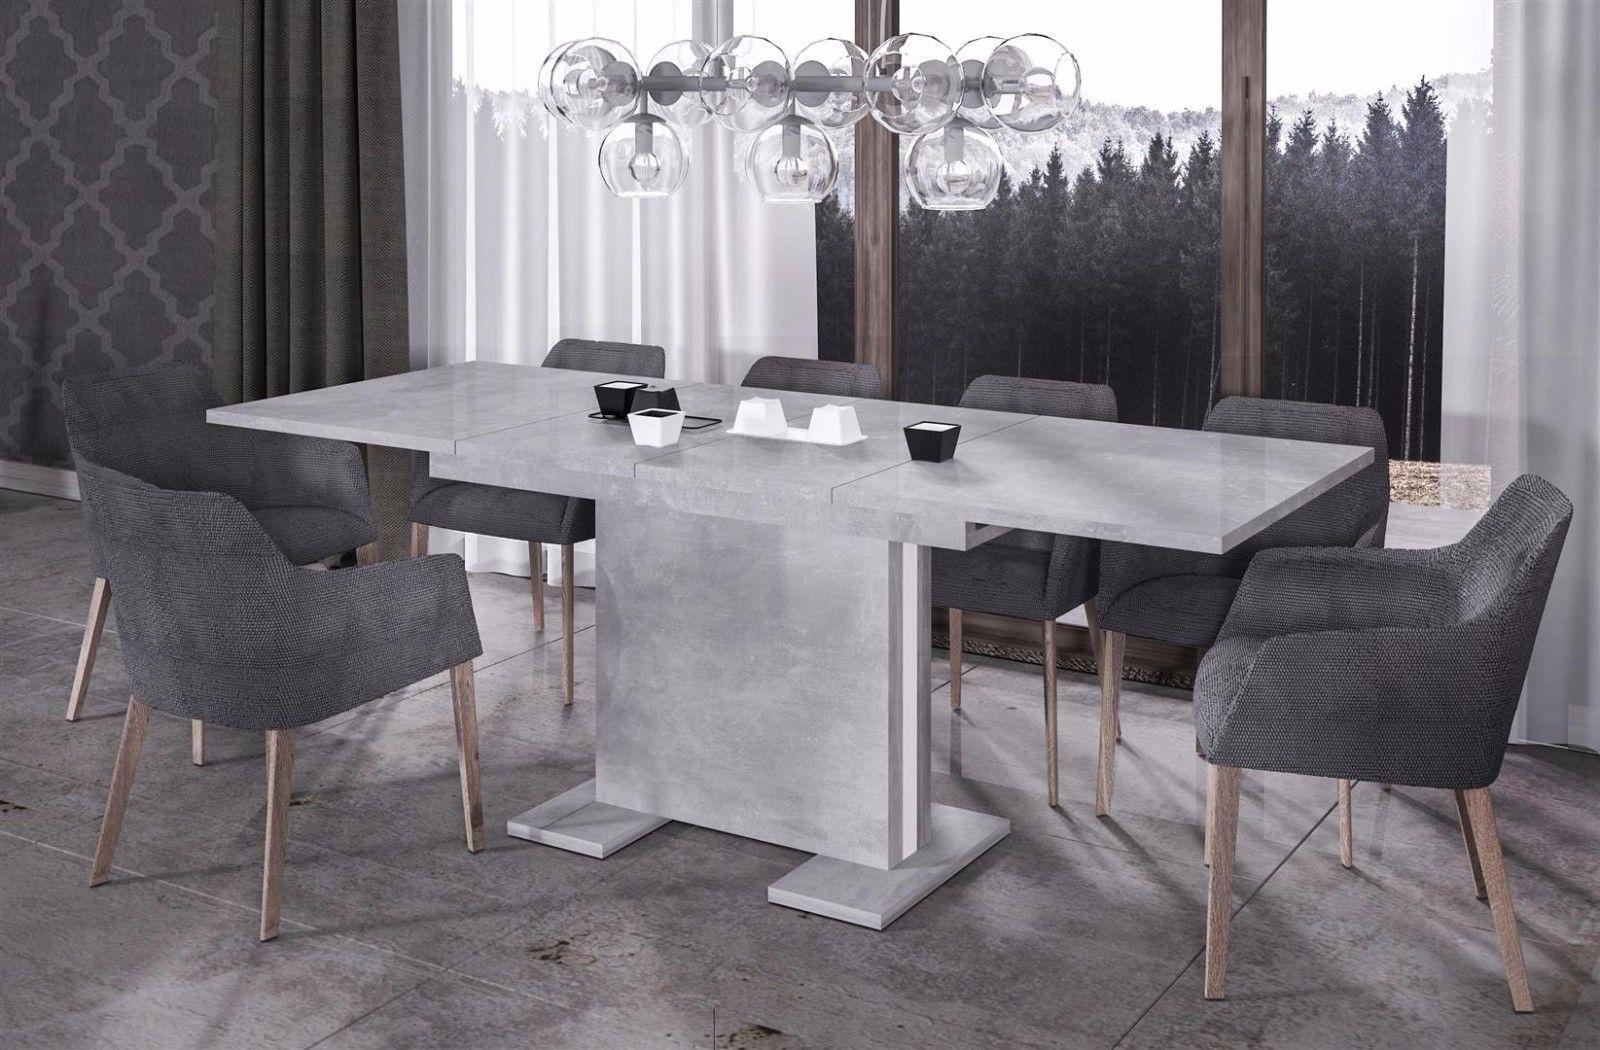 Esstisch modern ausziehbar  design Säulentisch Beton ausziehbar Auszug Esstisch modern günstig ...